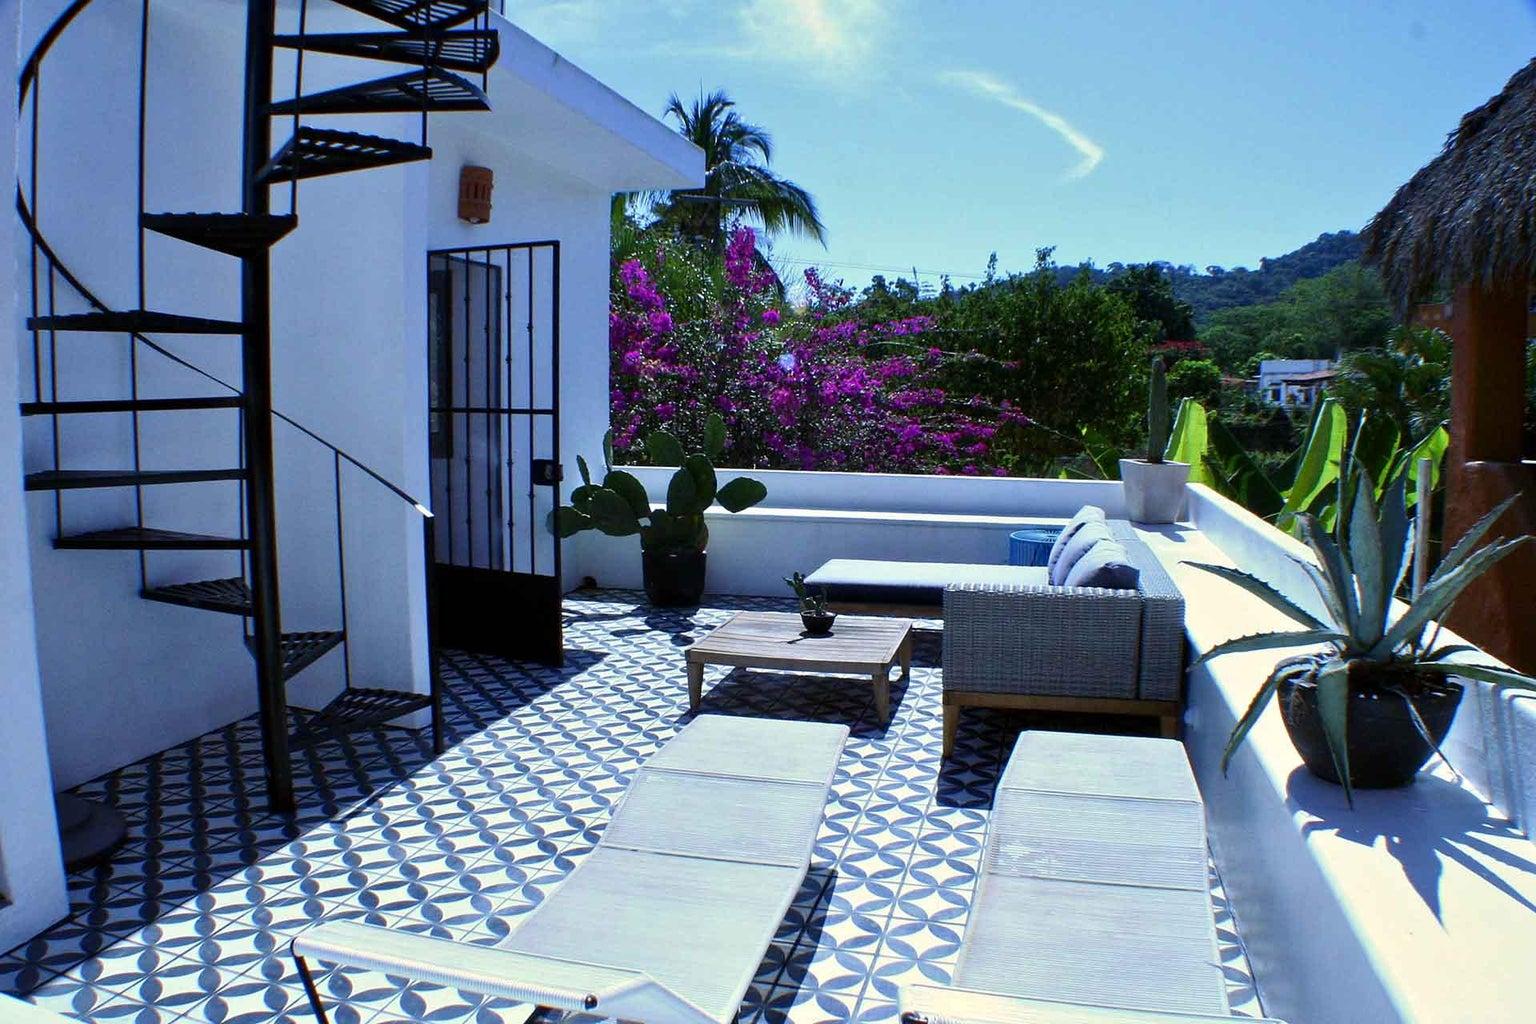 3bedroom-intown-sanpancho-mexico-xolo